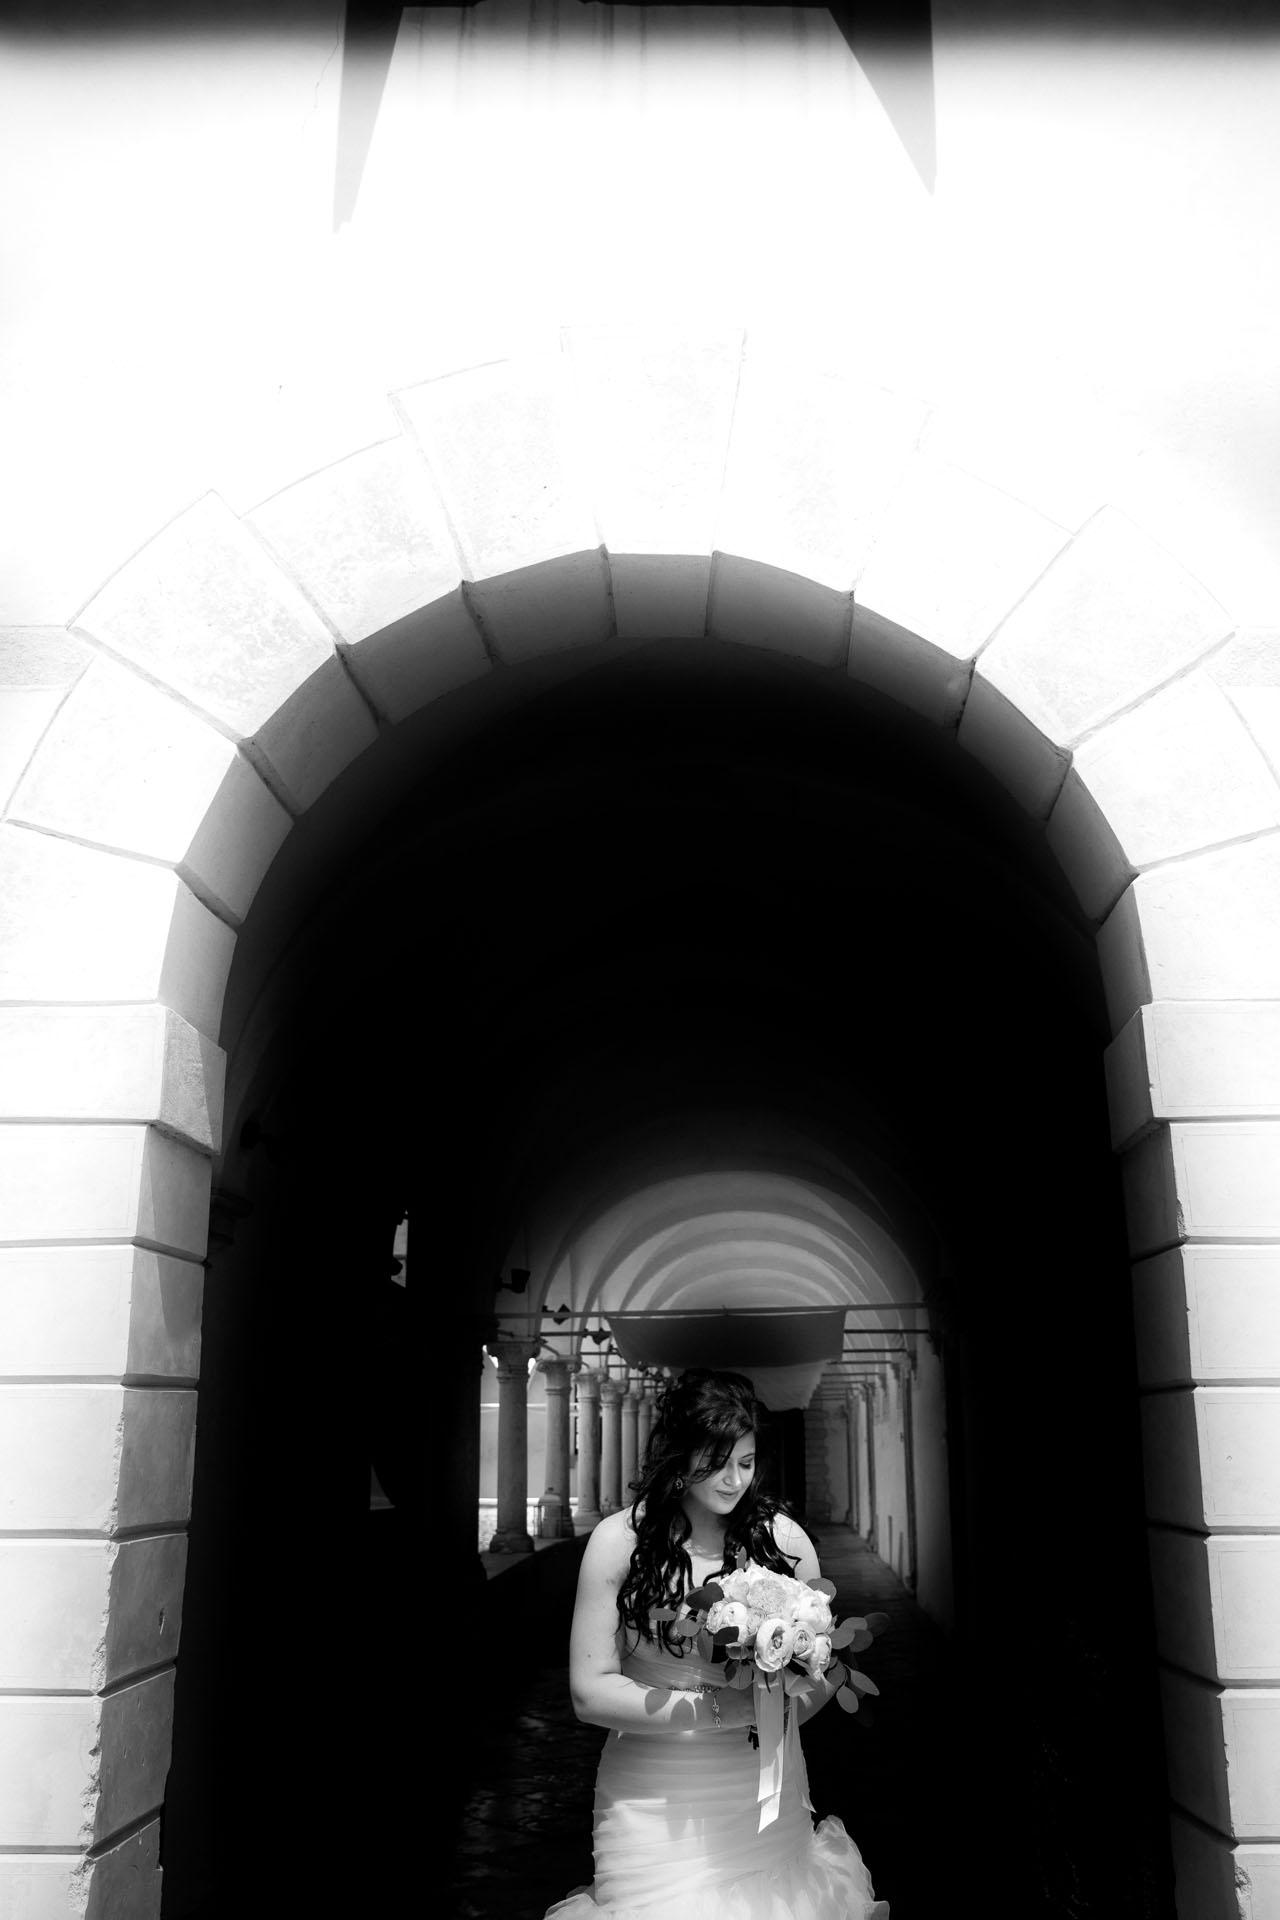 Jessica-Jason-Contrasti-Weddingdestination-Storytelling-Renato-Zanette-Fotografo-Convento-San-Francesco-Conegliano-Treviso-Veneto